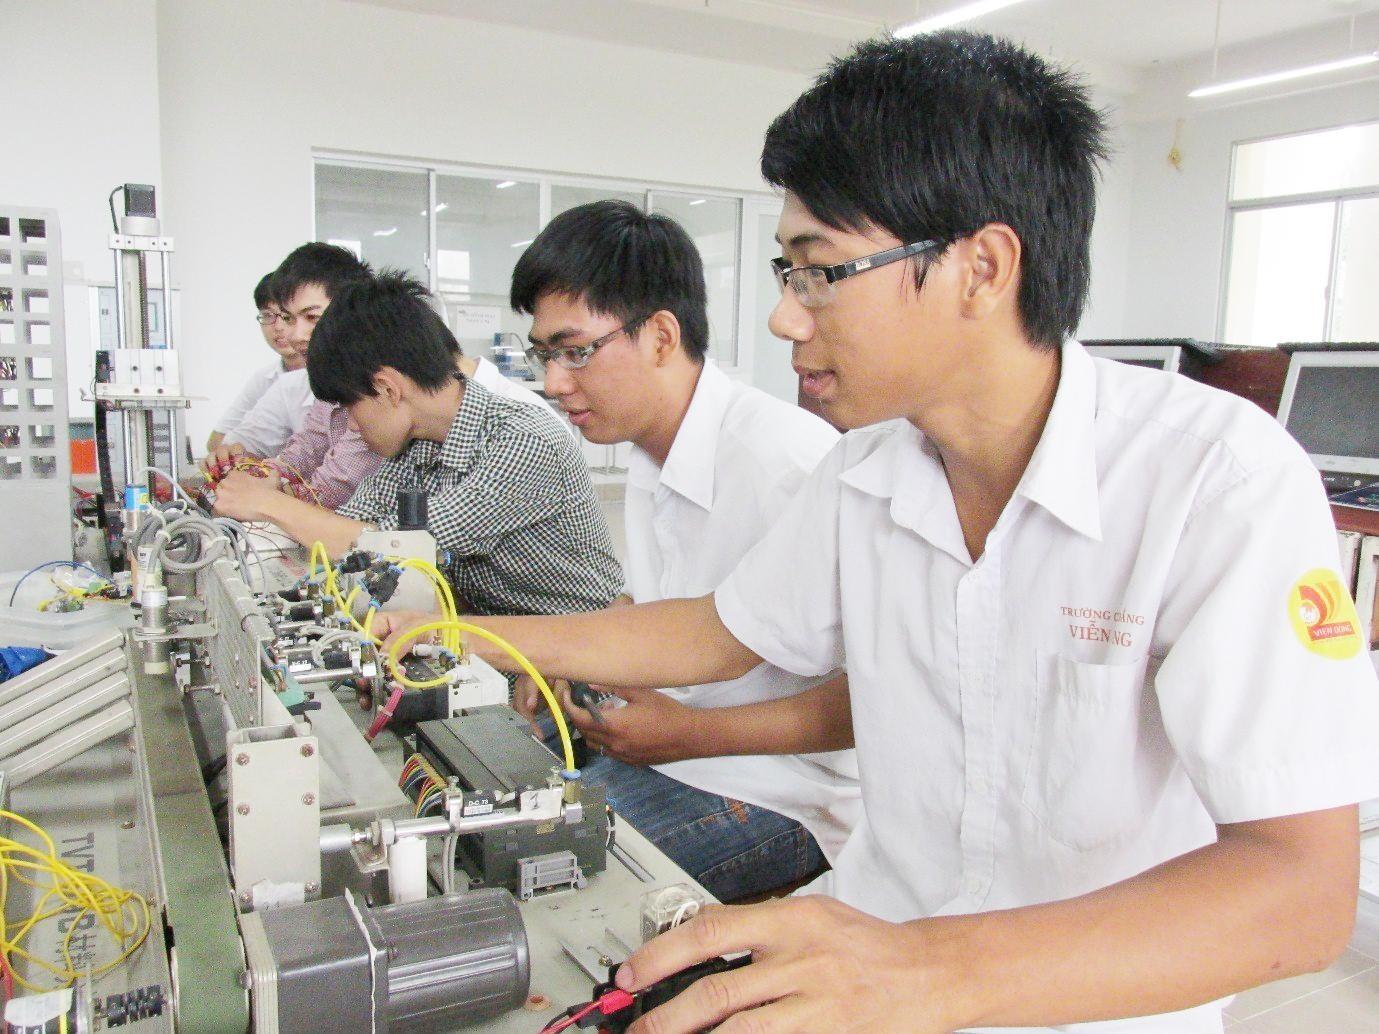 Học ngành Điện - Điện tử cần phải thường xuyên cập nhật kiến thức mới